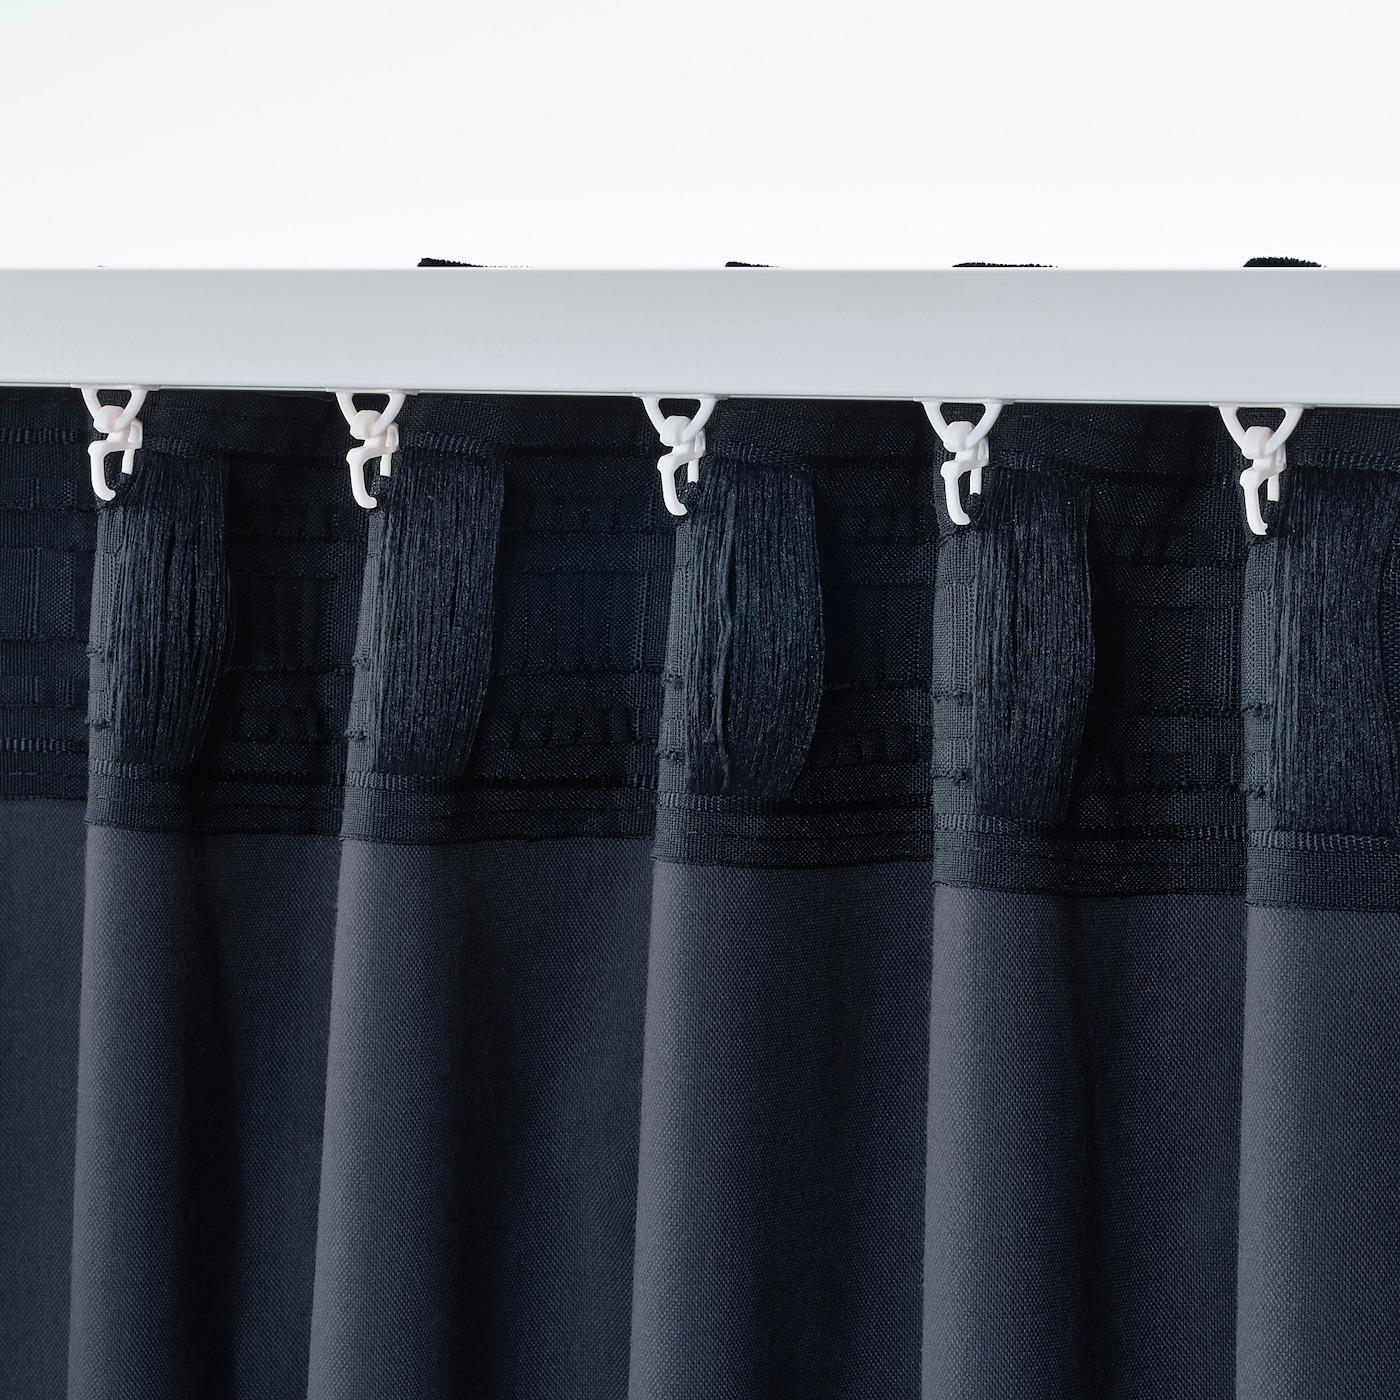 sanela rideaux 2 pieces bleu fonce 140x300 cm